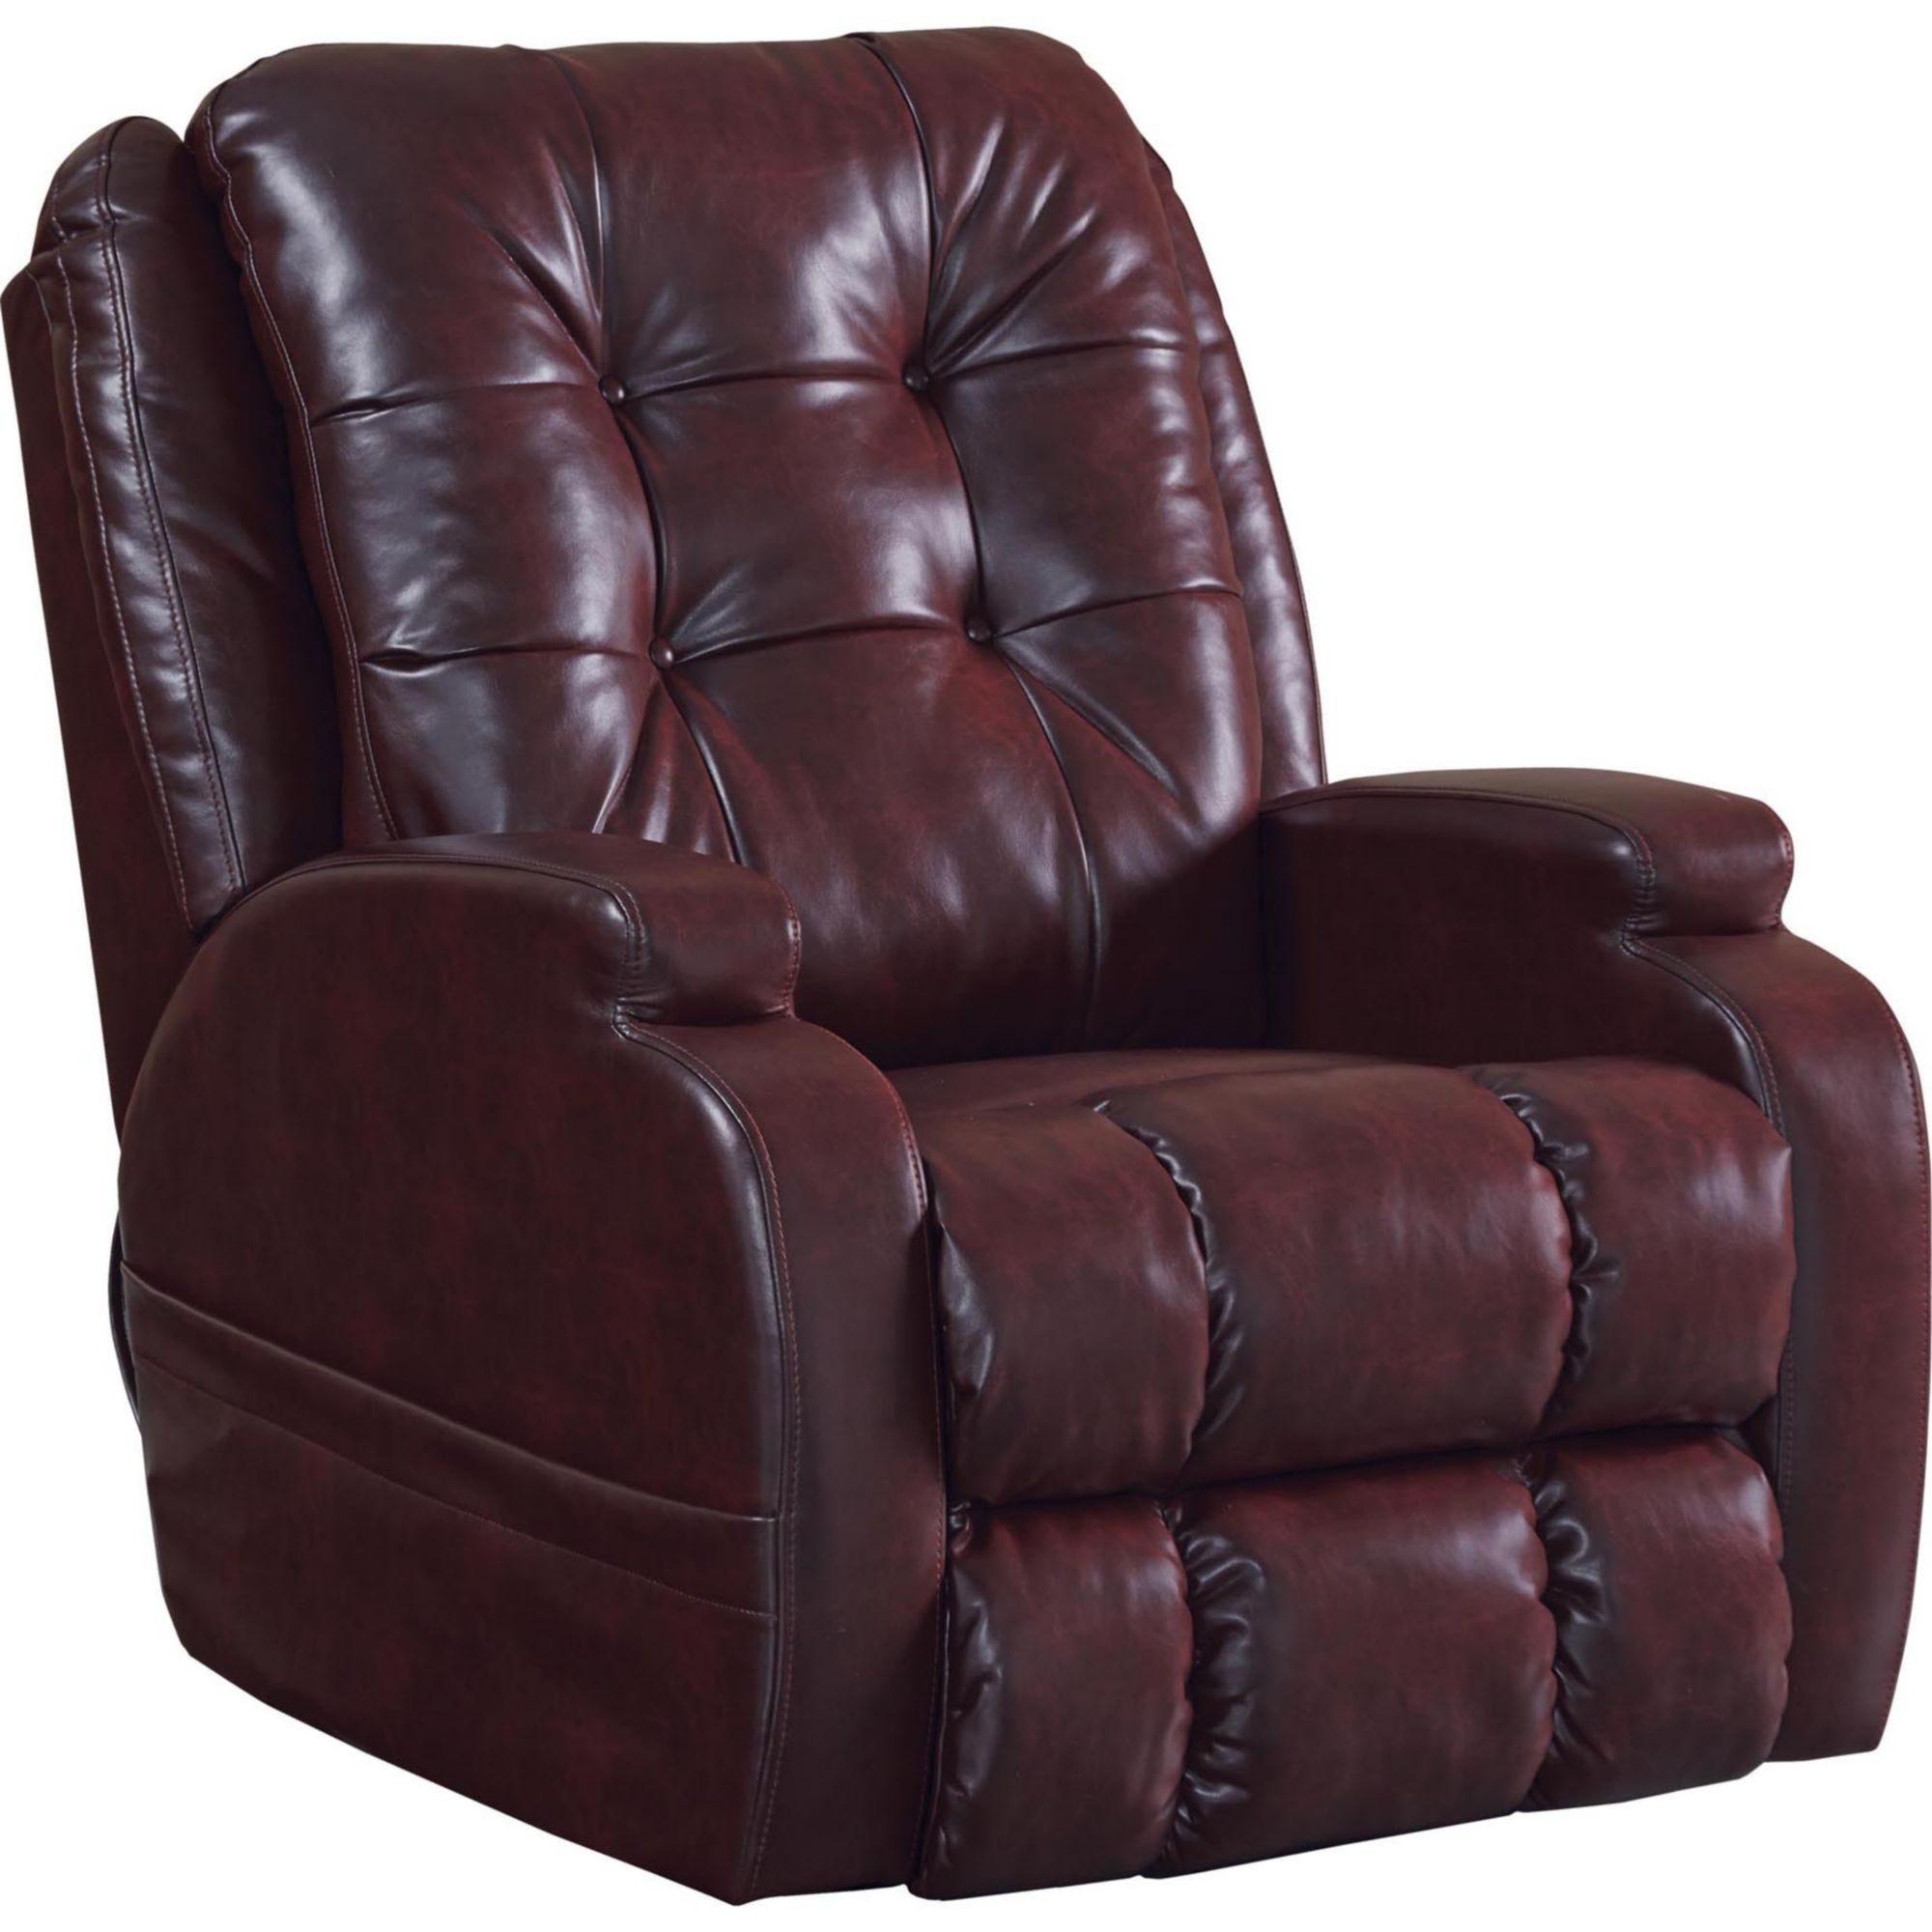 Lift Chairs US Mattress